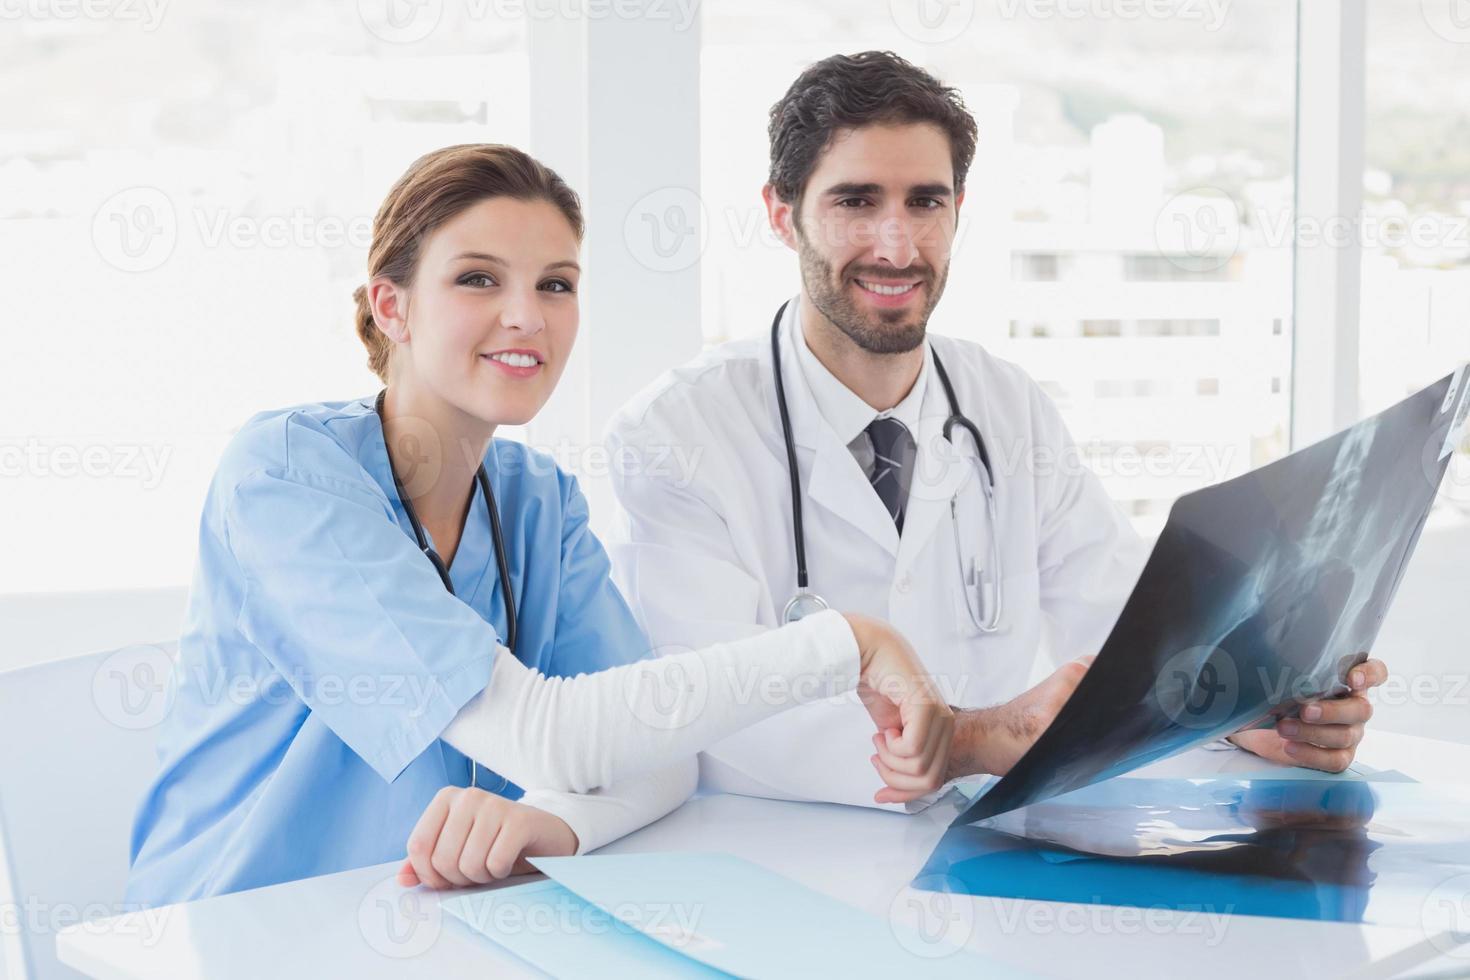 artsen zitten samen met x-stralen foto